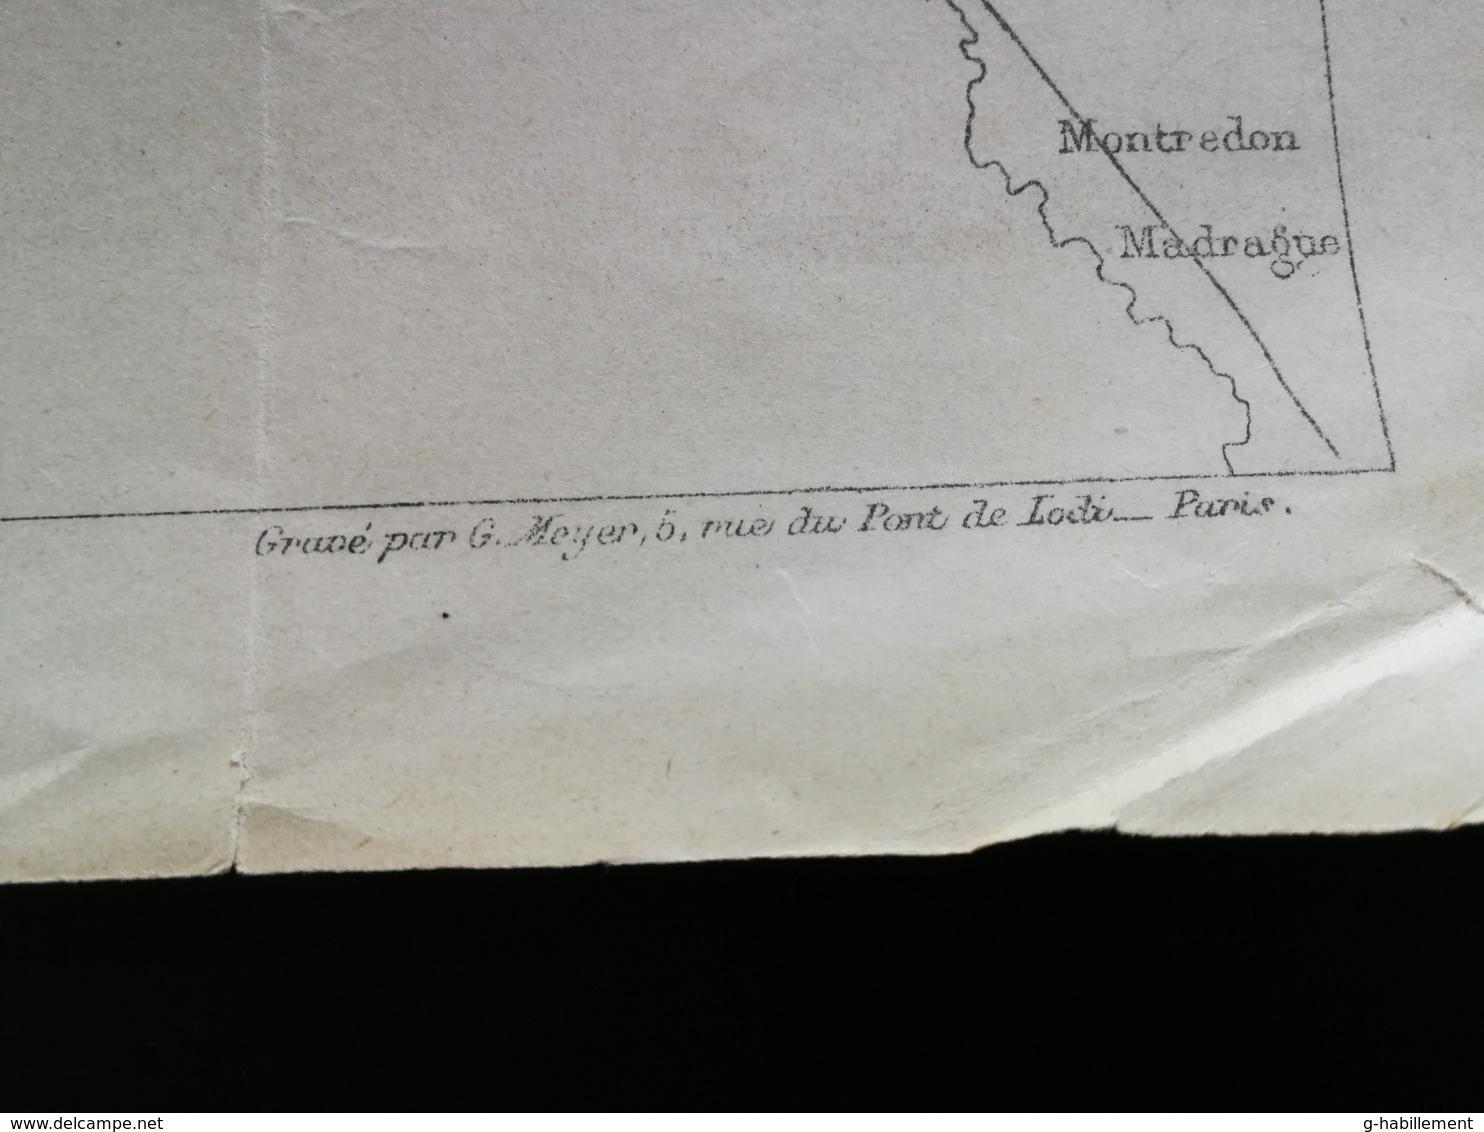 ANNALES PONTS Et CHAUSSEES (Dep13)- Plan De Tramways éléctriques De Marseille - Gravé Par G.Meyer - 1902 (CLC24) - Máquinas